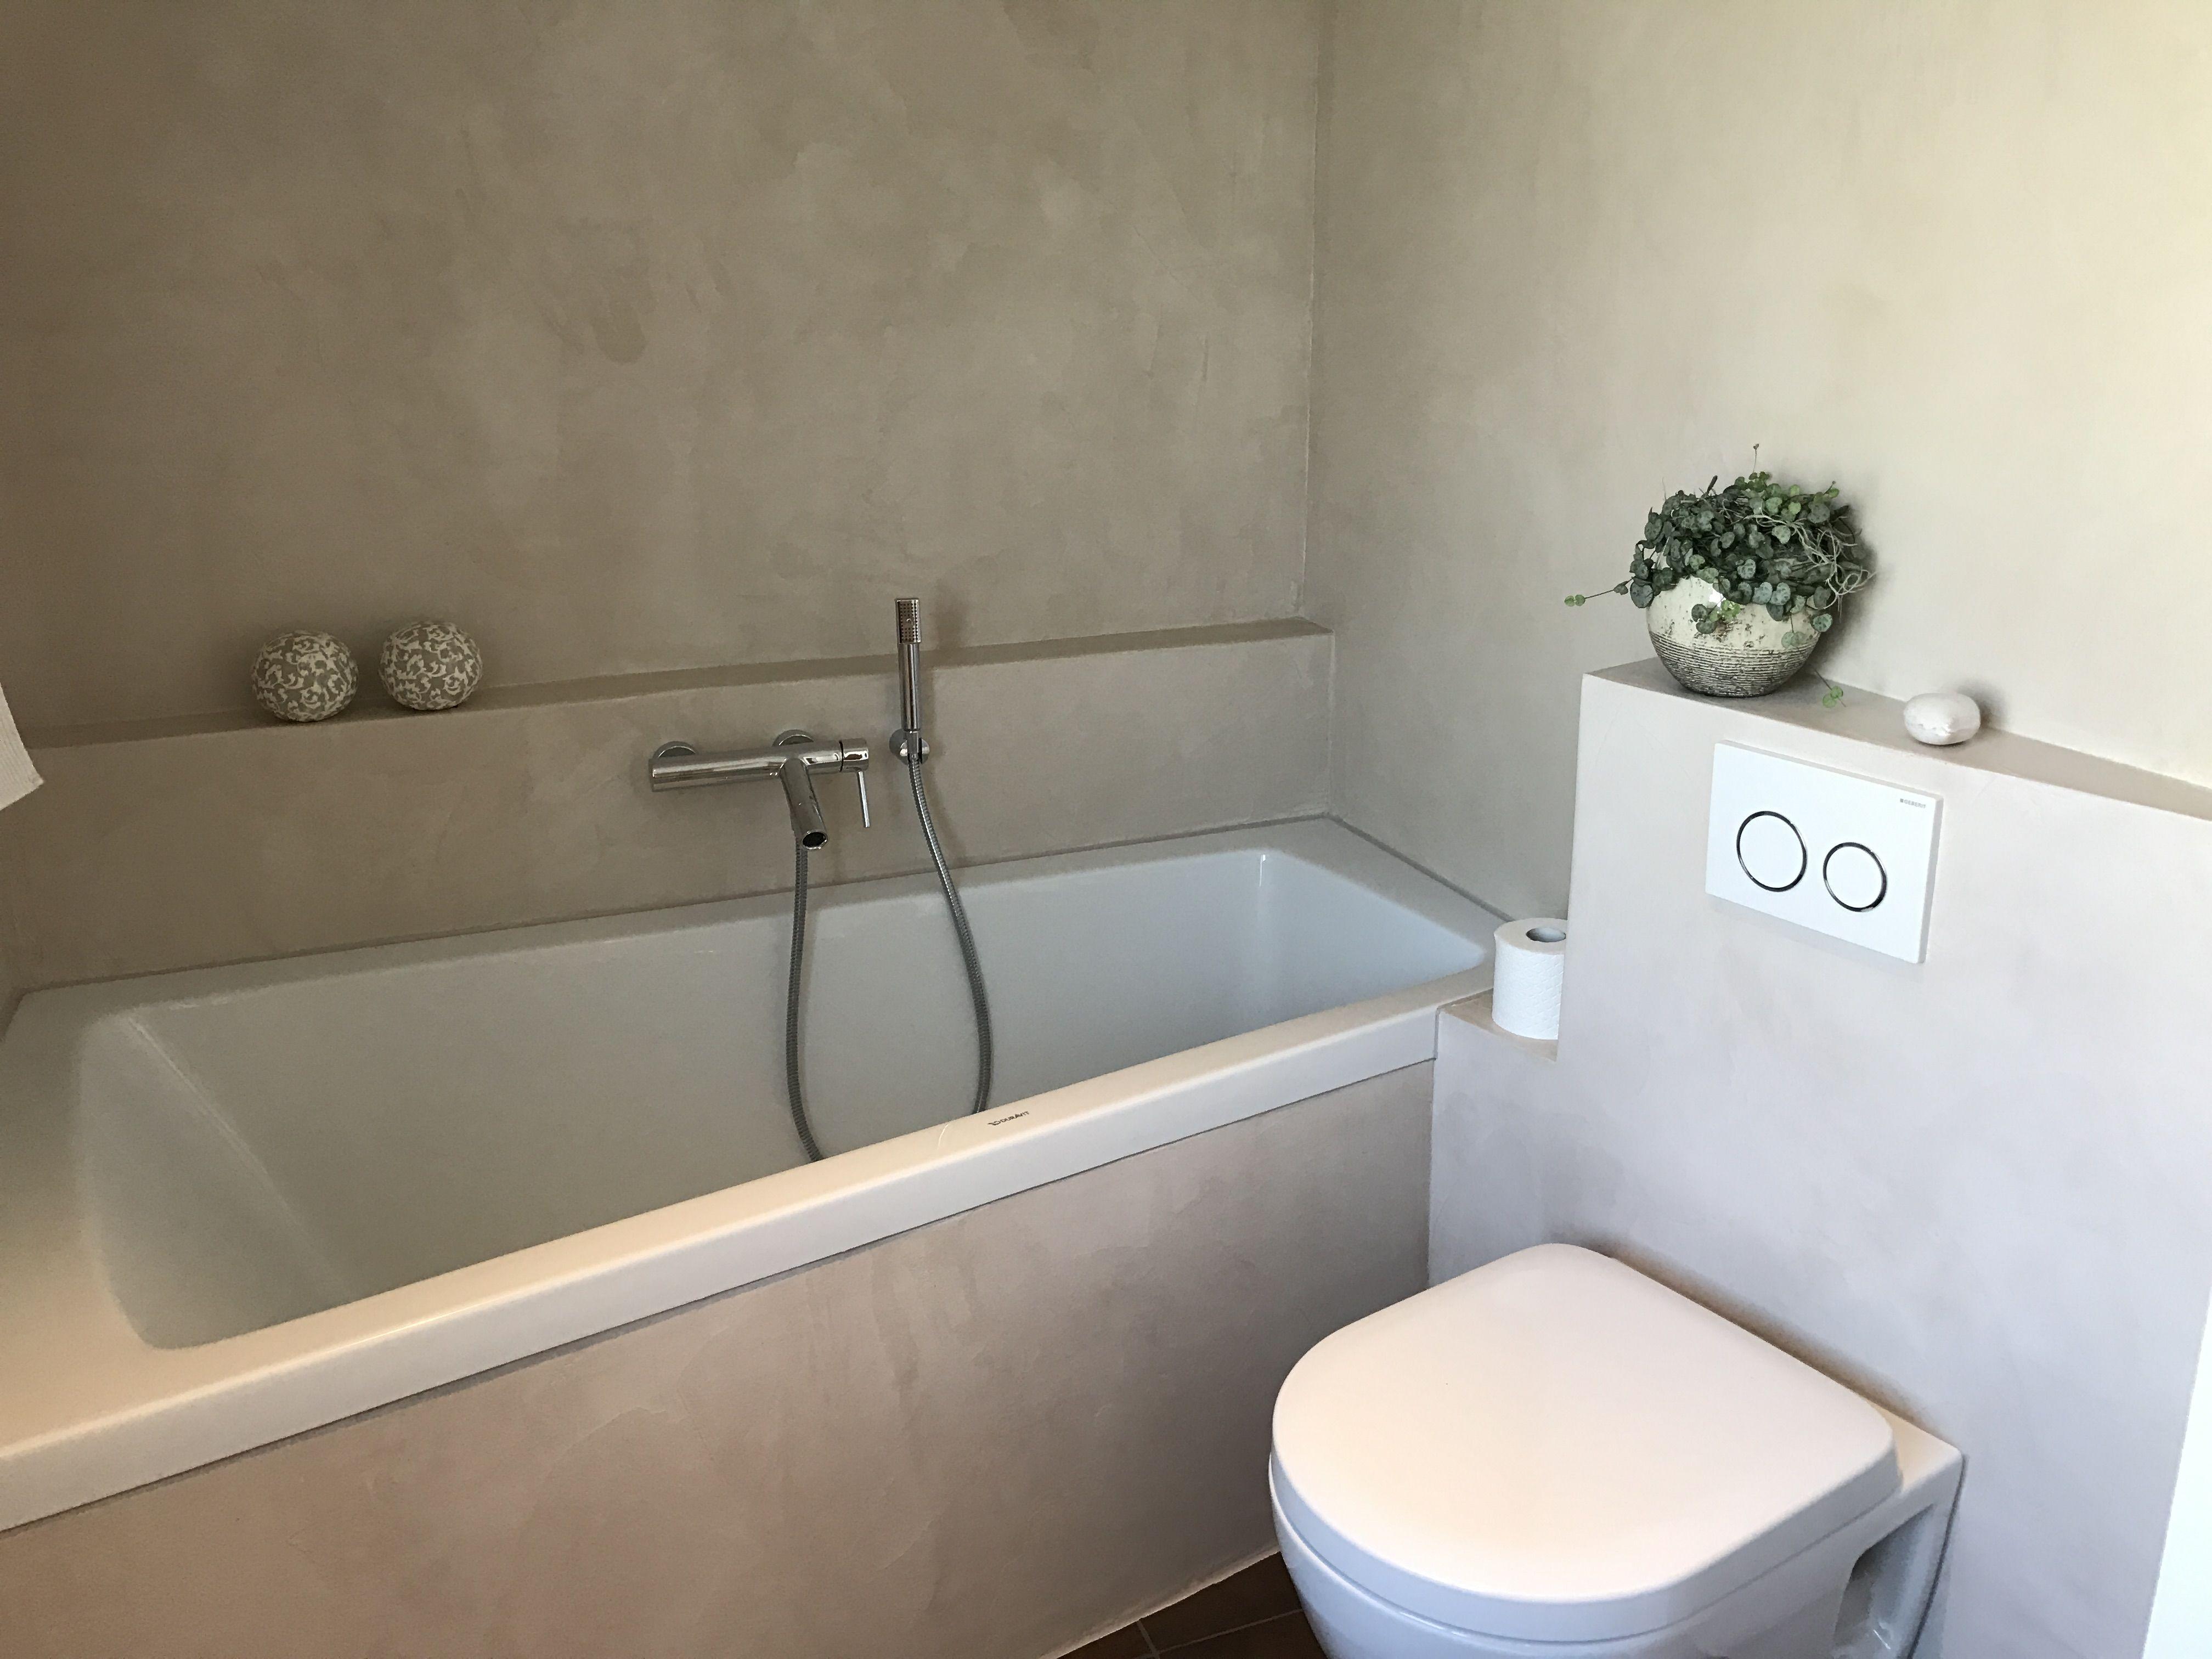 Eckschrank badezimmer ~ Naturofloor von atelier badezimmer in naturofloor von